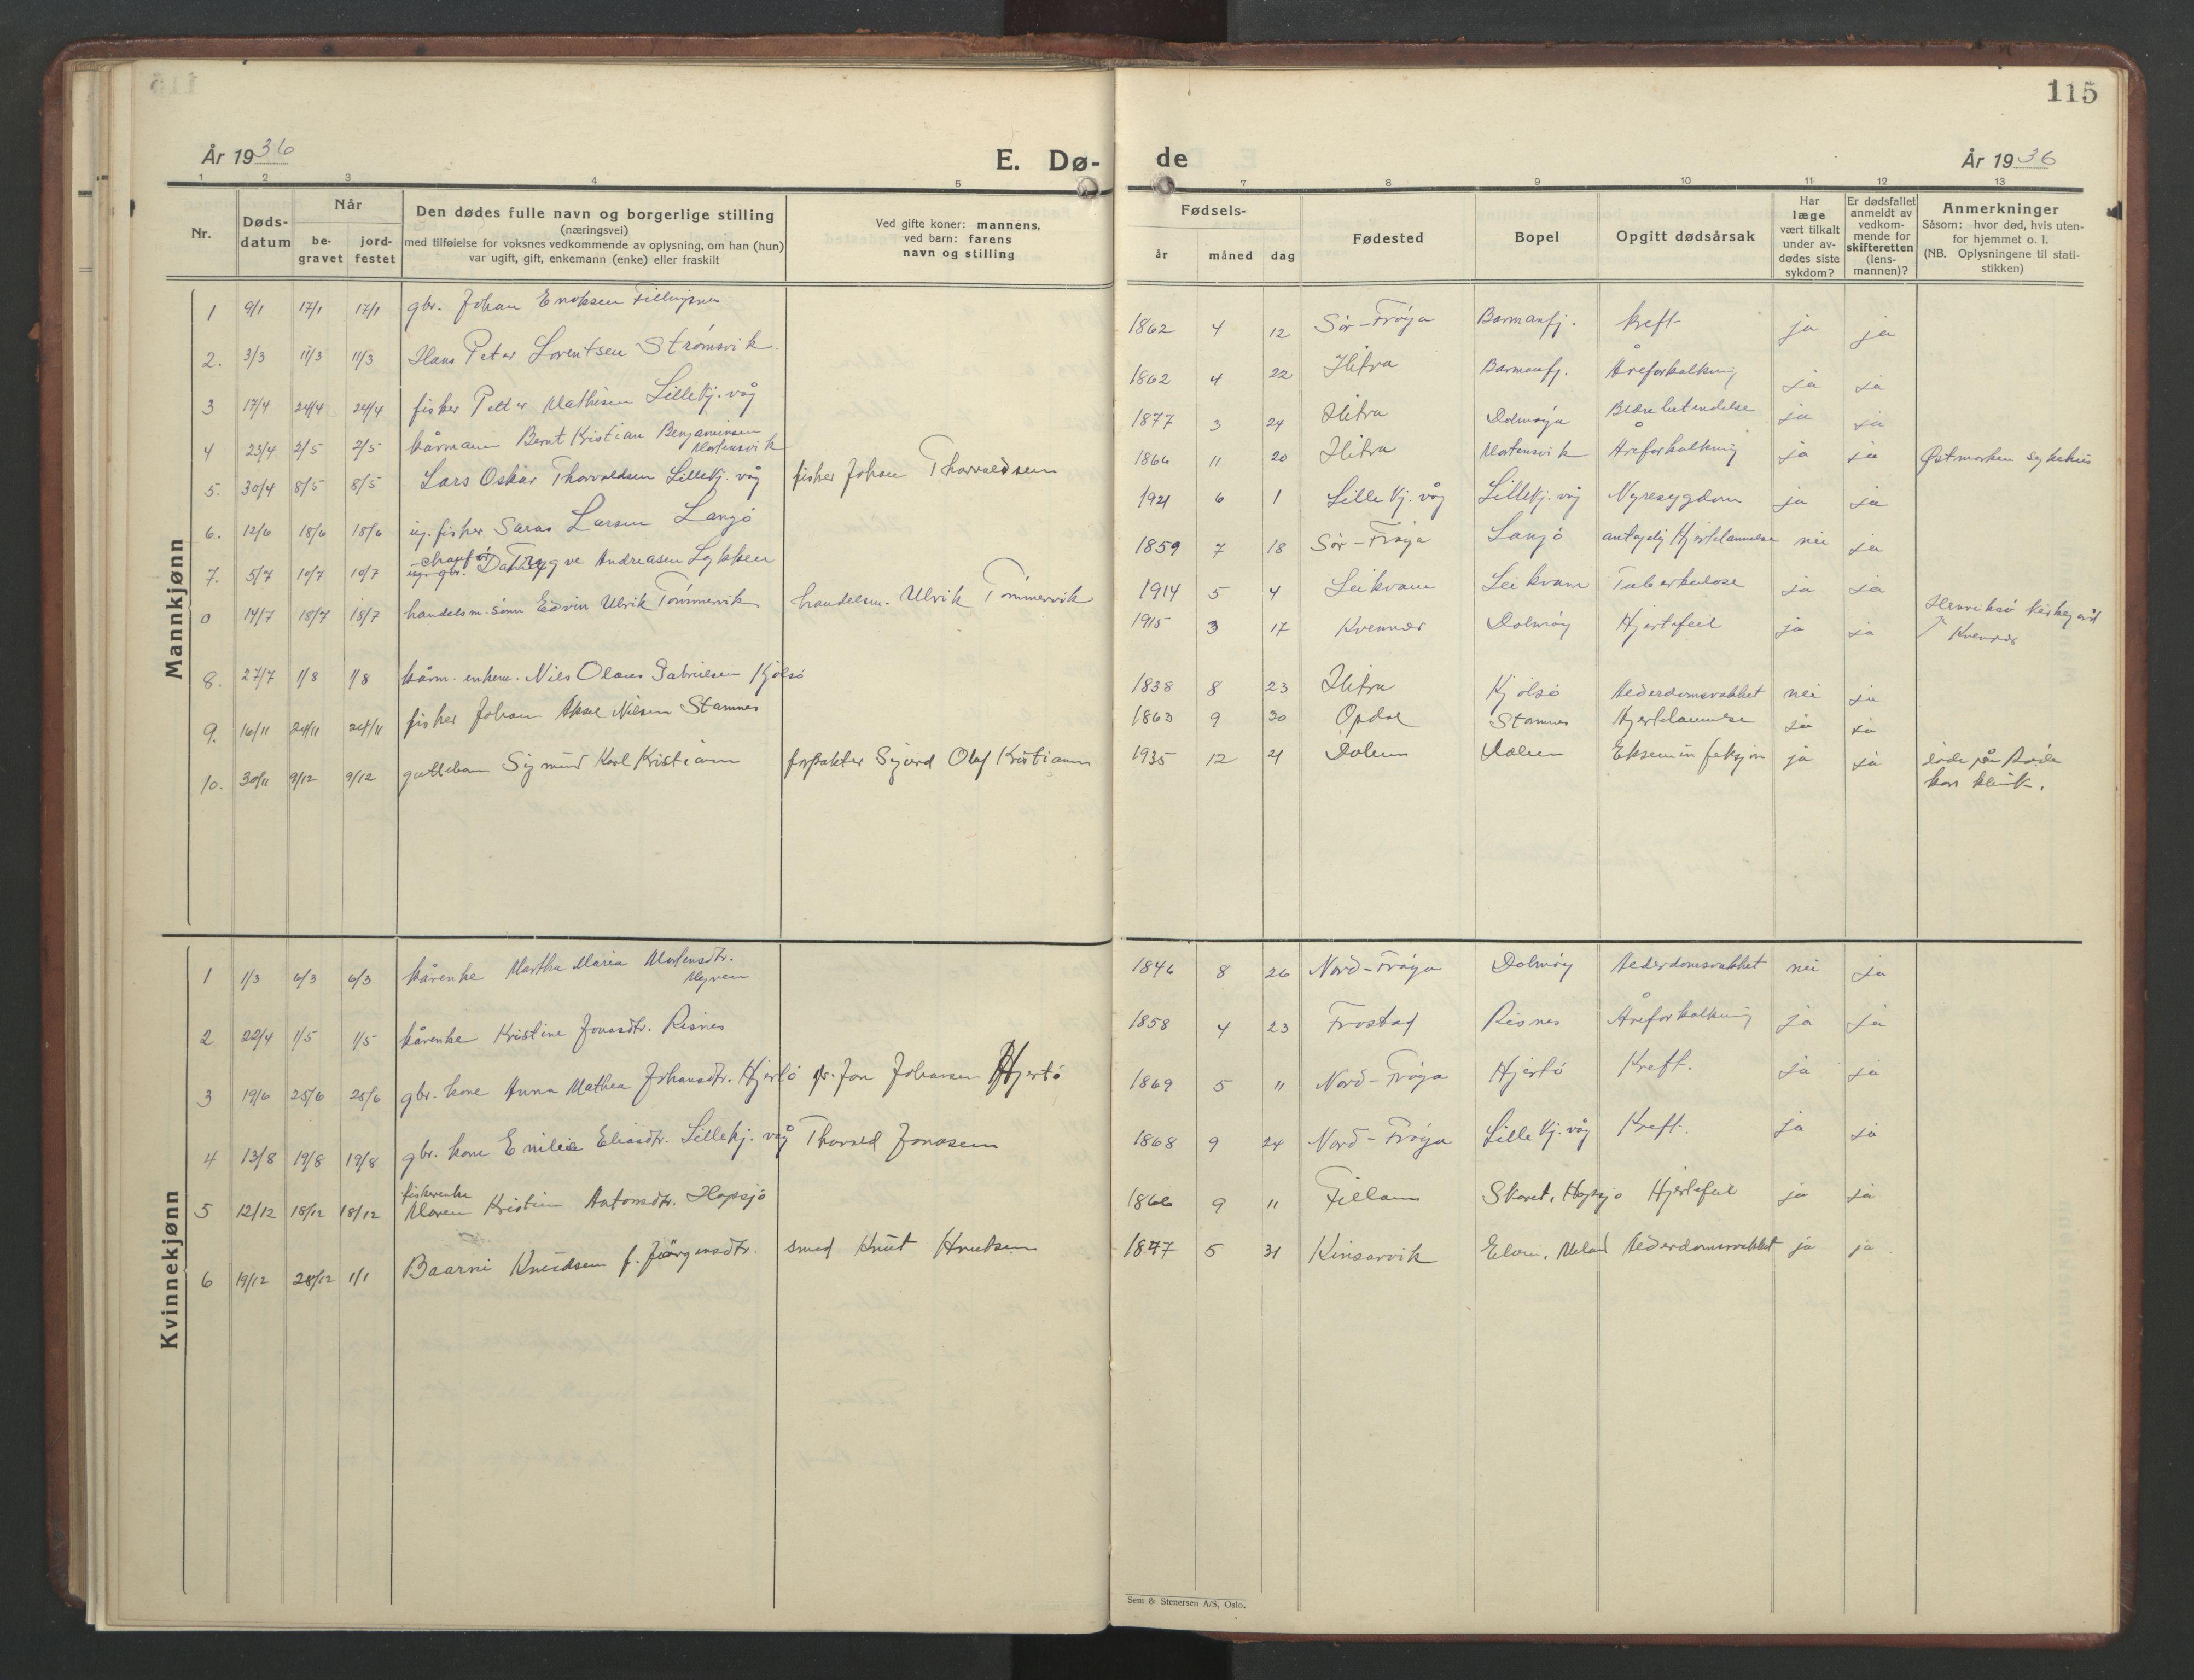 SAT, Ministerialprotokoller, klokkerbøker og fødselsregistre - Sør-Trøndelag, 634/L0544: Klokkerbok nr. 634C06, 1927-1948, s. 115